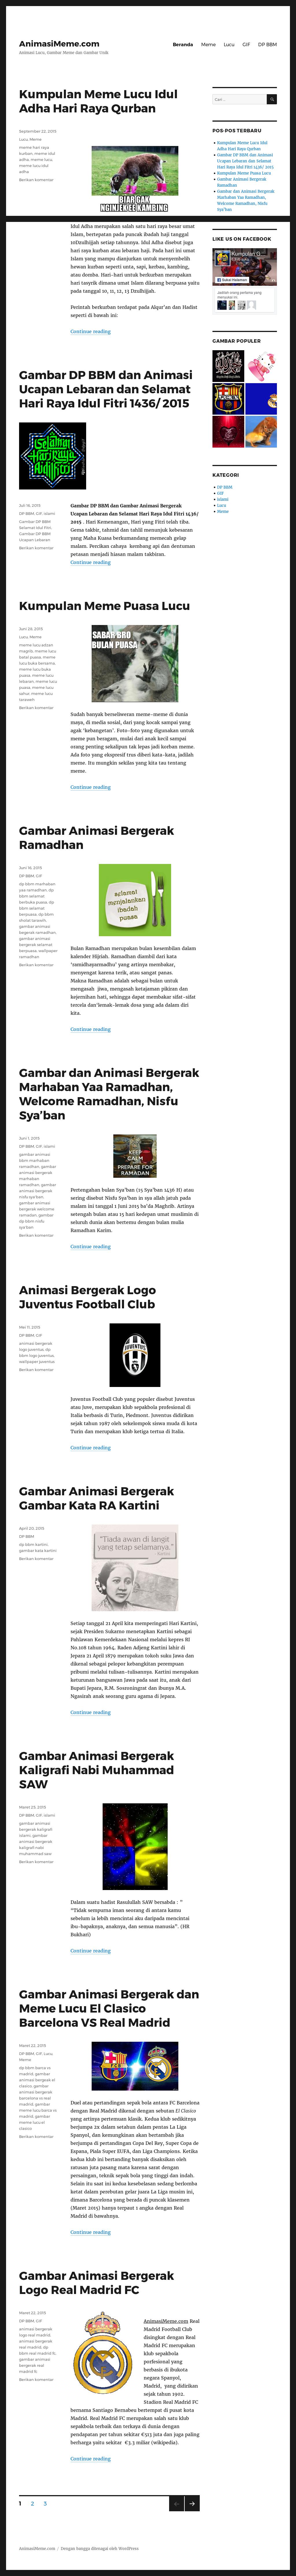 Kumpulan Gambar Dan Animasi Bergerak Petitors Revenue